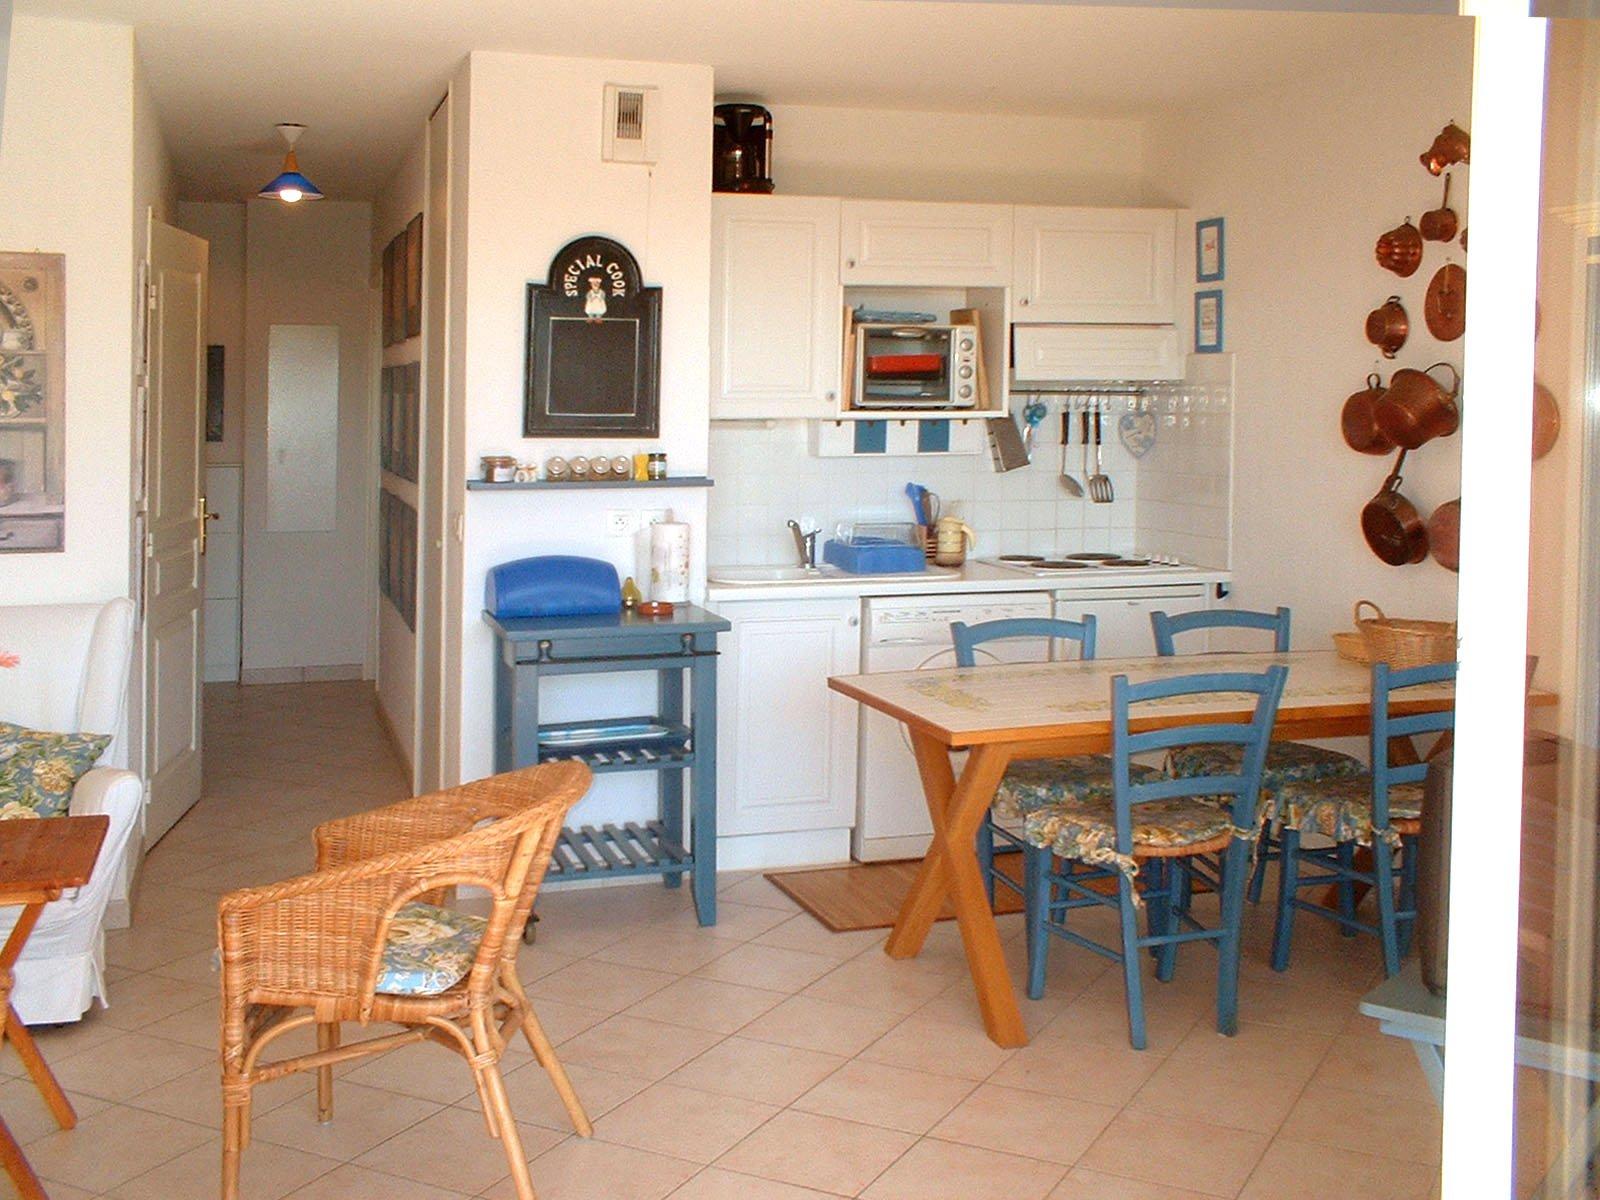 2 Zimmer (4 Personen) Küchenzeile mit Waschmaschine, große Terrasse  Meerblick  * RO 203 *